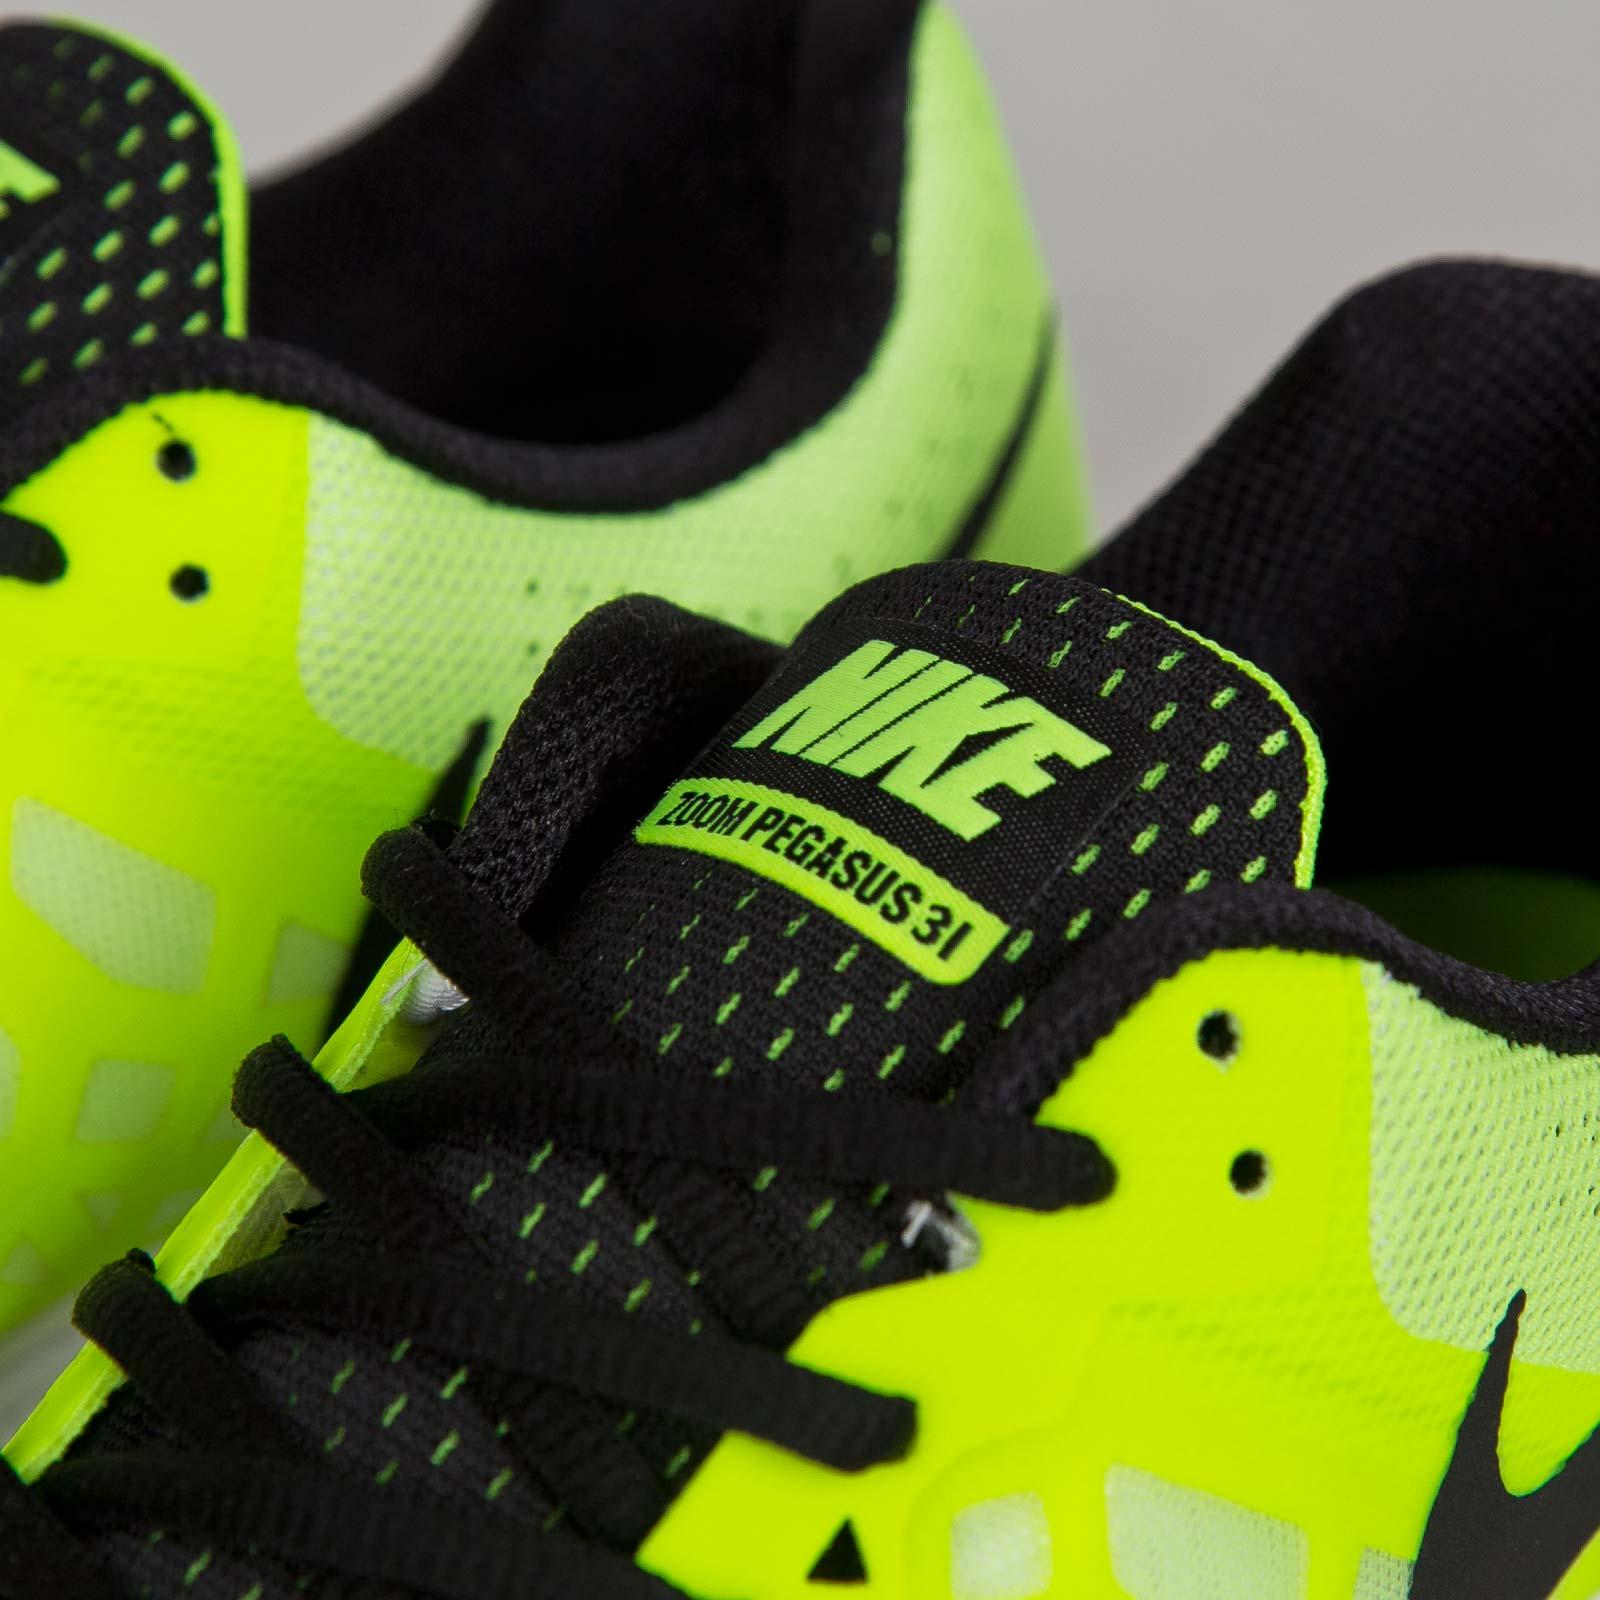 d0920c9d0d1cb Nike Air Zoom Pegasus 31 - 652925-701 - Sneakersnstuff